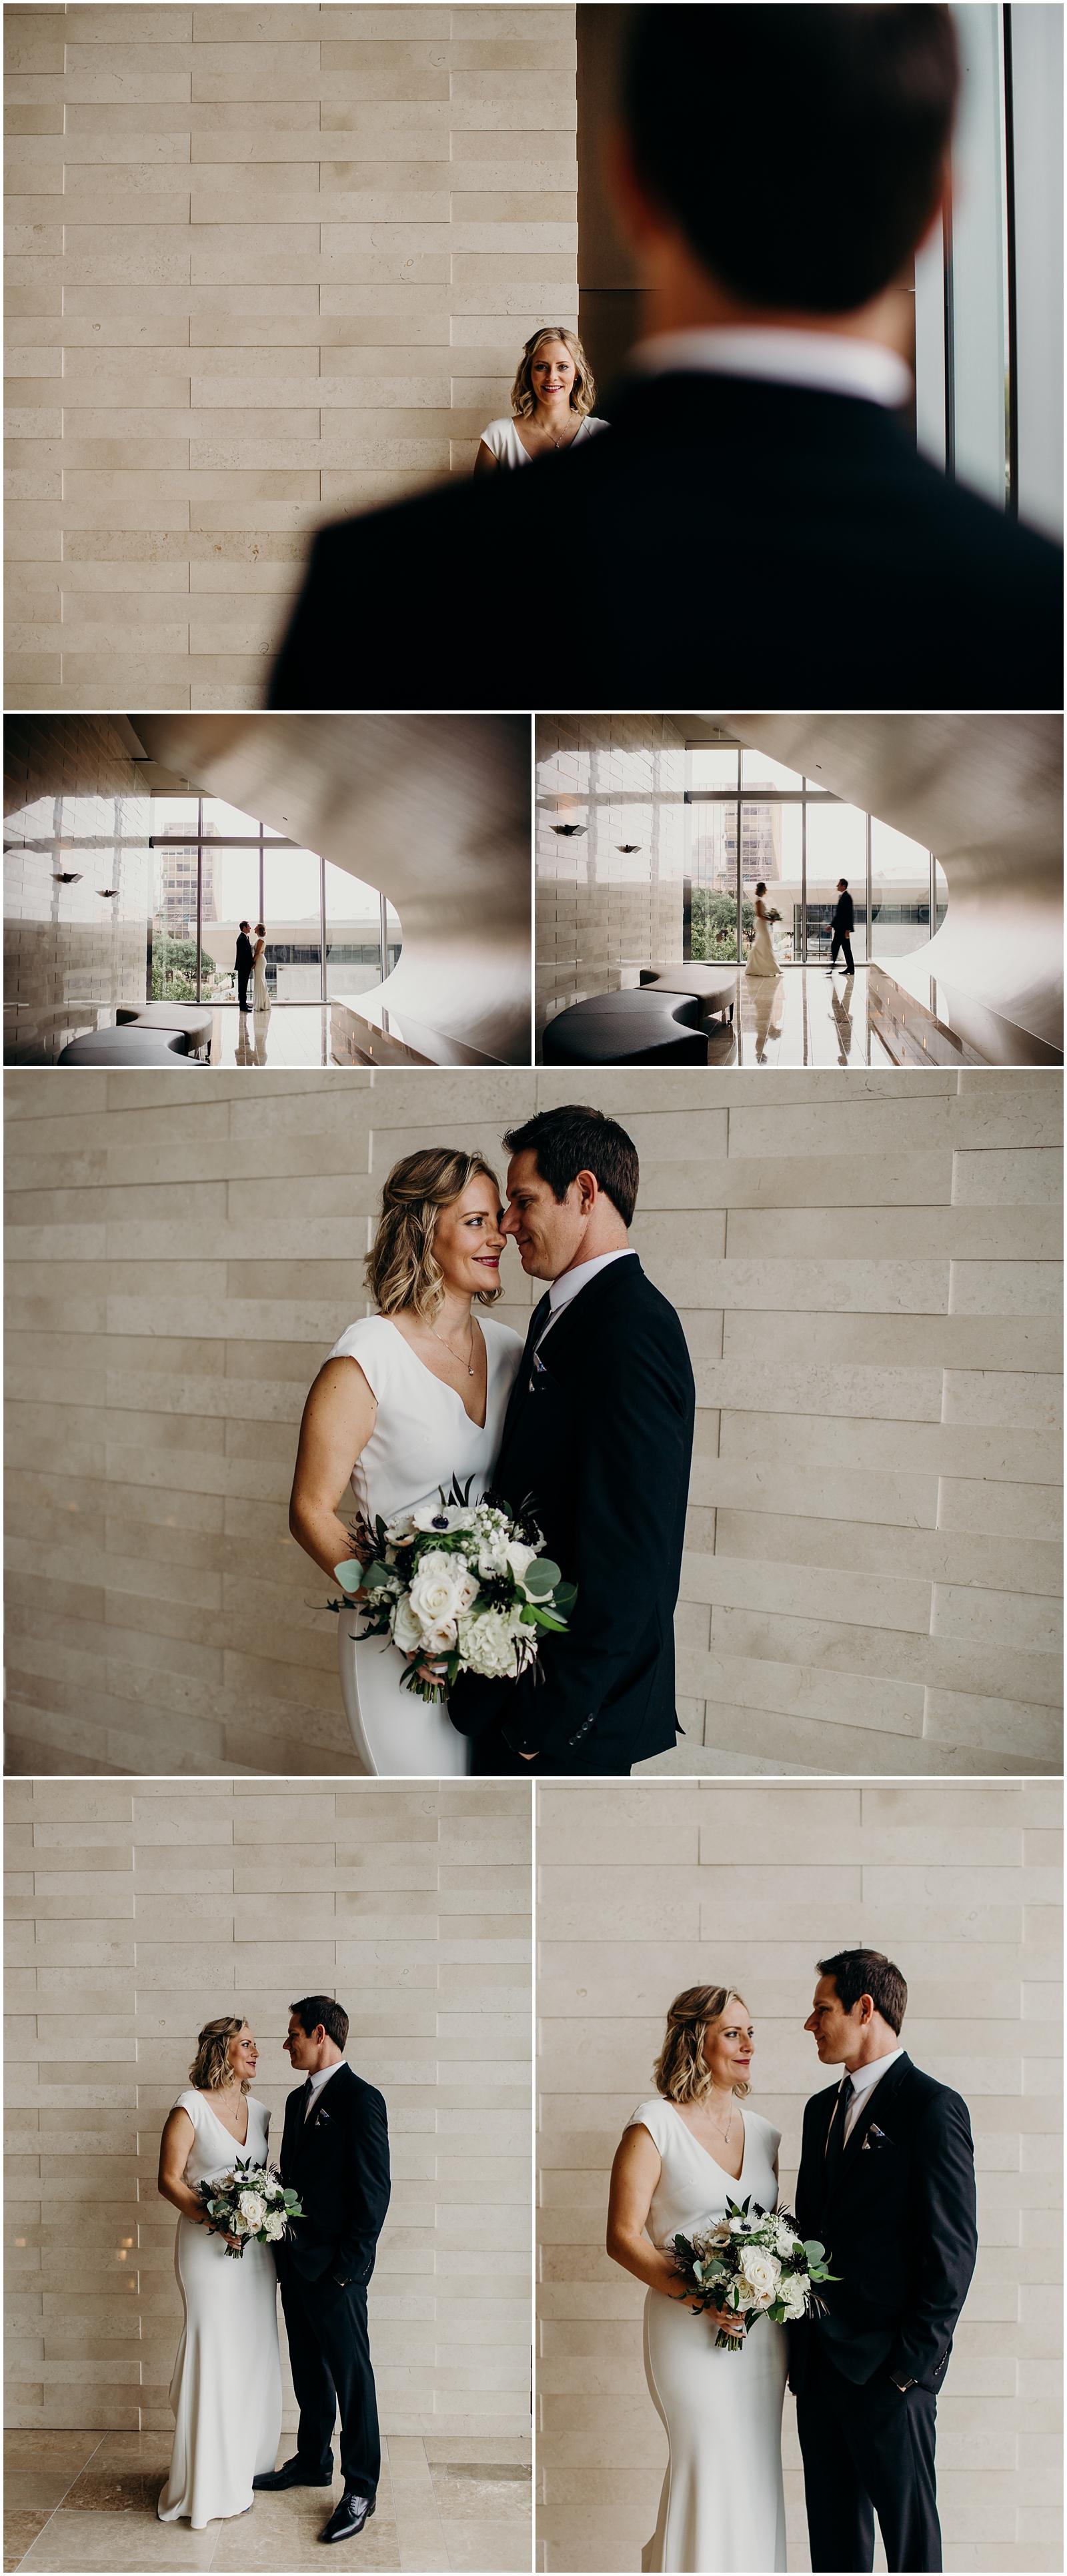 garden cafe Dallas wedding, Dallas tx wedding photographer, Dallas wedding, omni hotel wedding, the johnsons photo